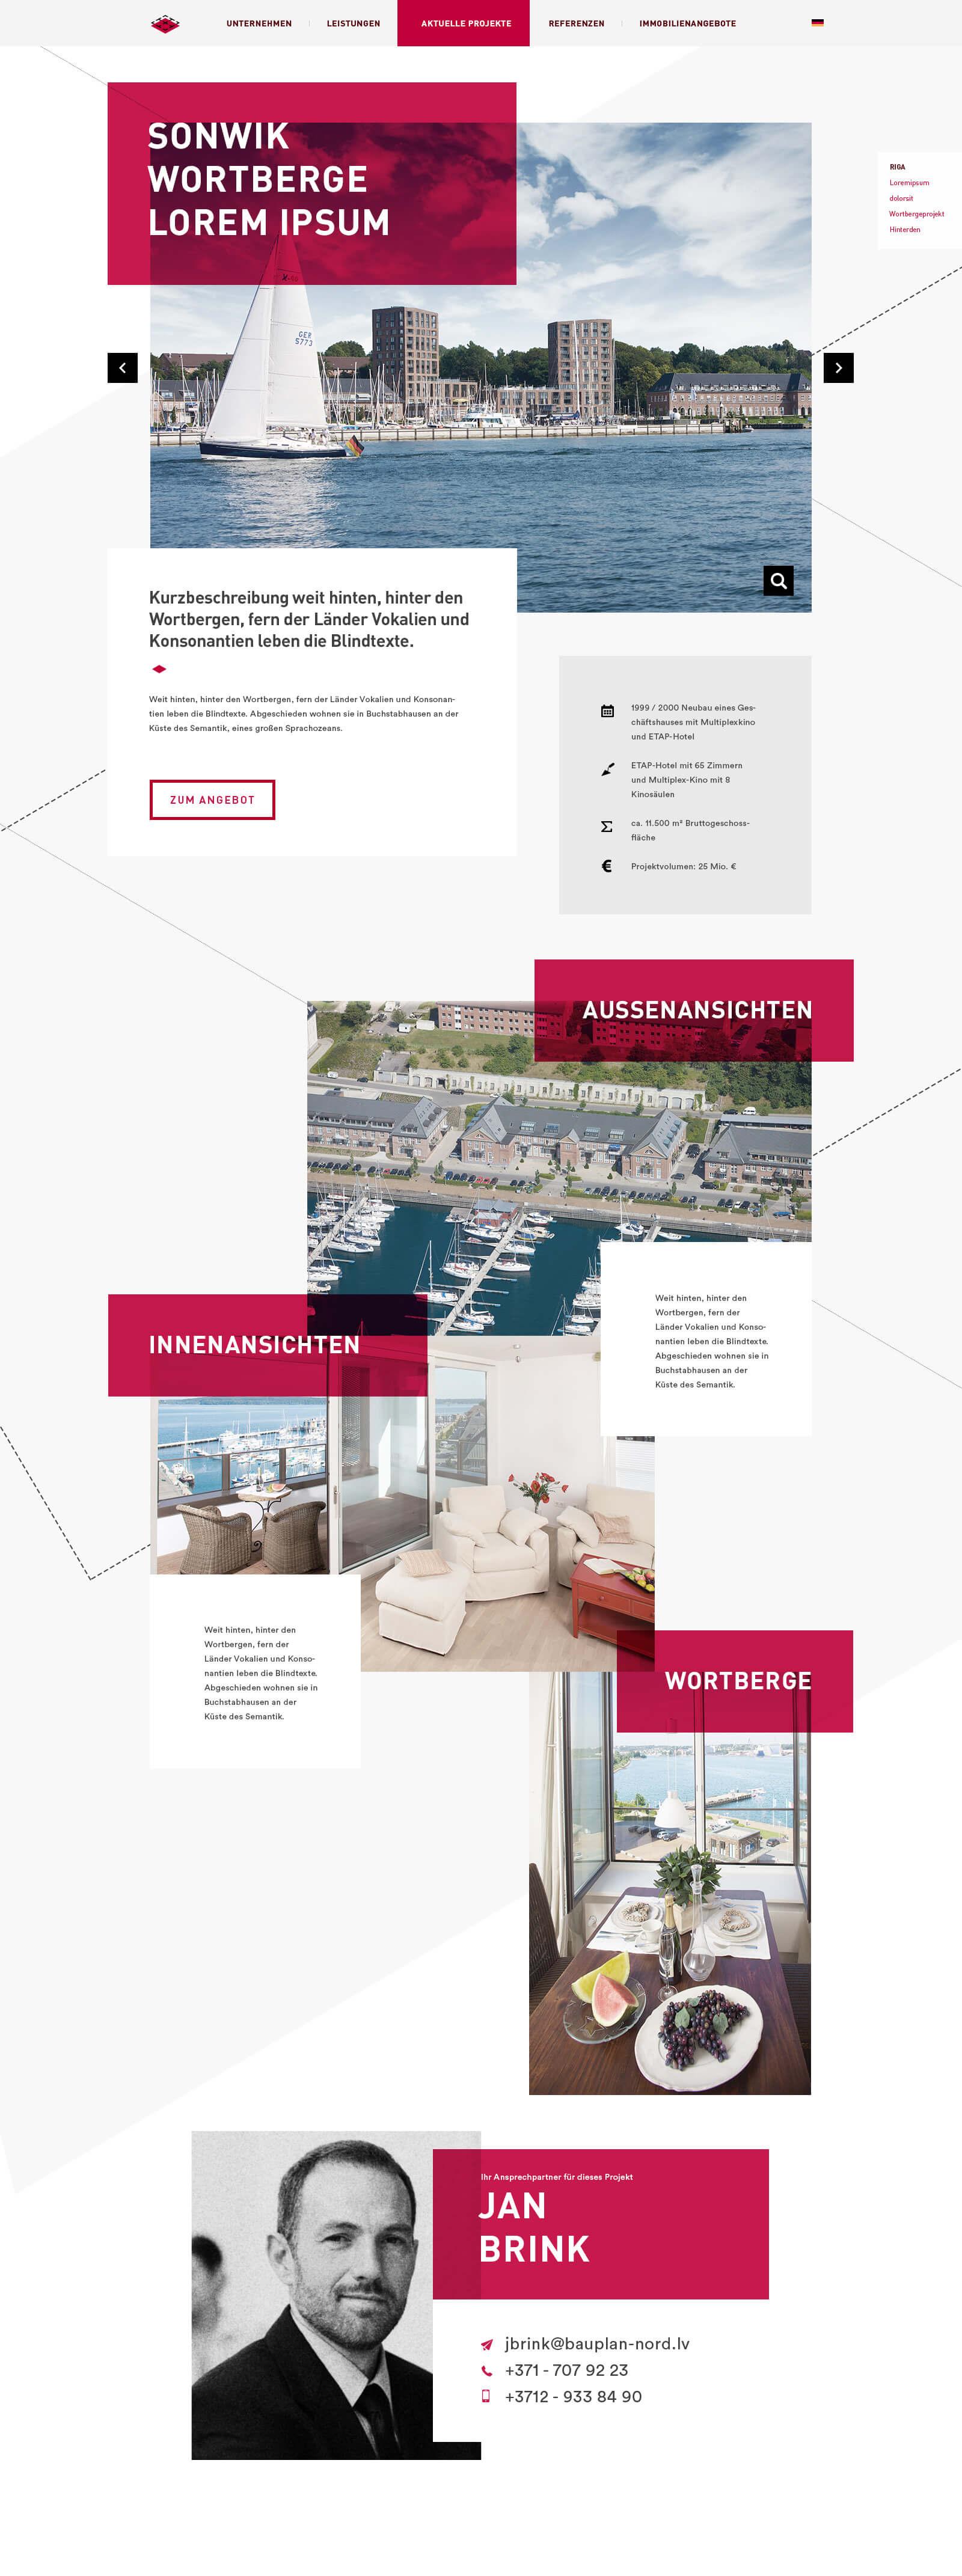 Webdesign für ein internationales Ingenieurbüro - Unterseite